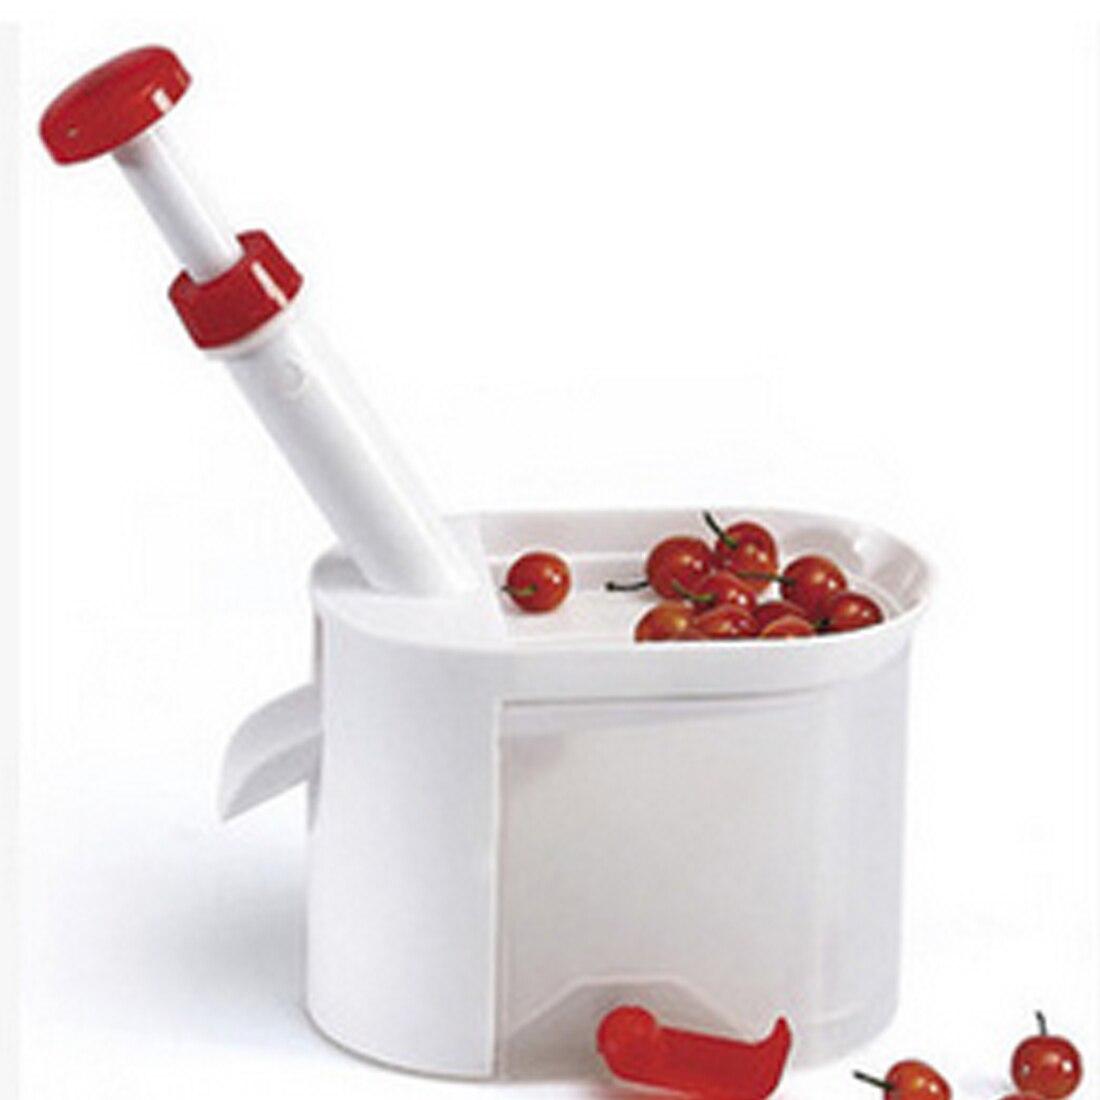 Bester Verkauf Cherry Pitter Seed Remover Maschine Kirschen Corer mit - Küche, Essen und Bar - Foto 4